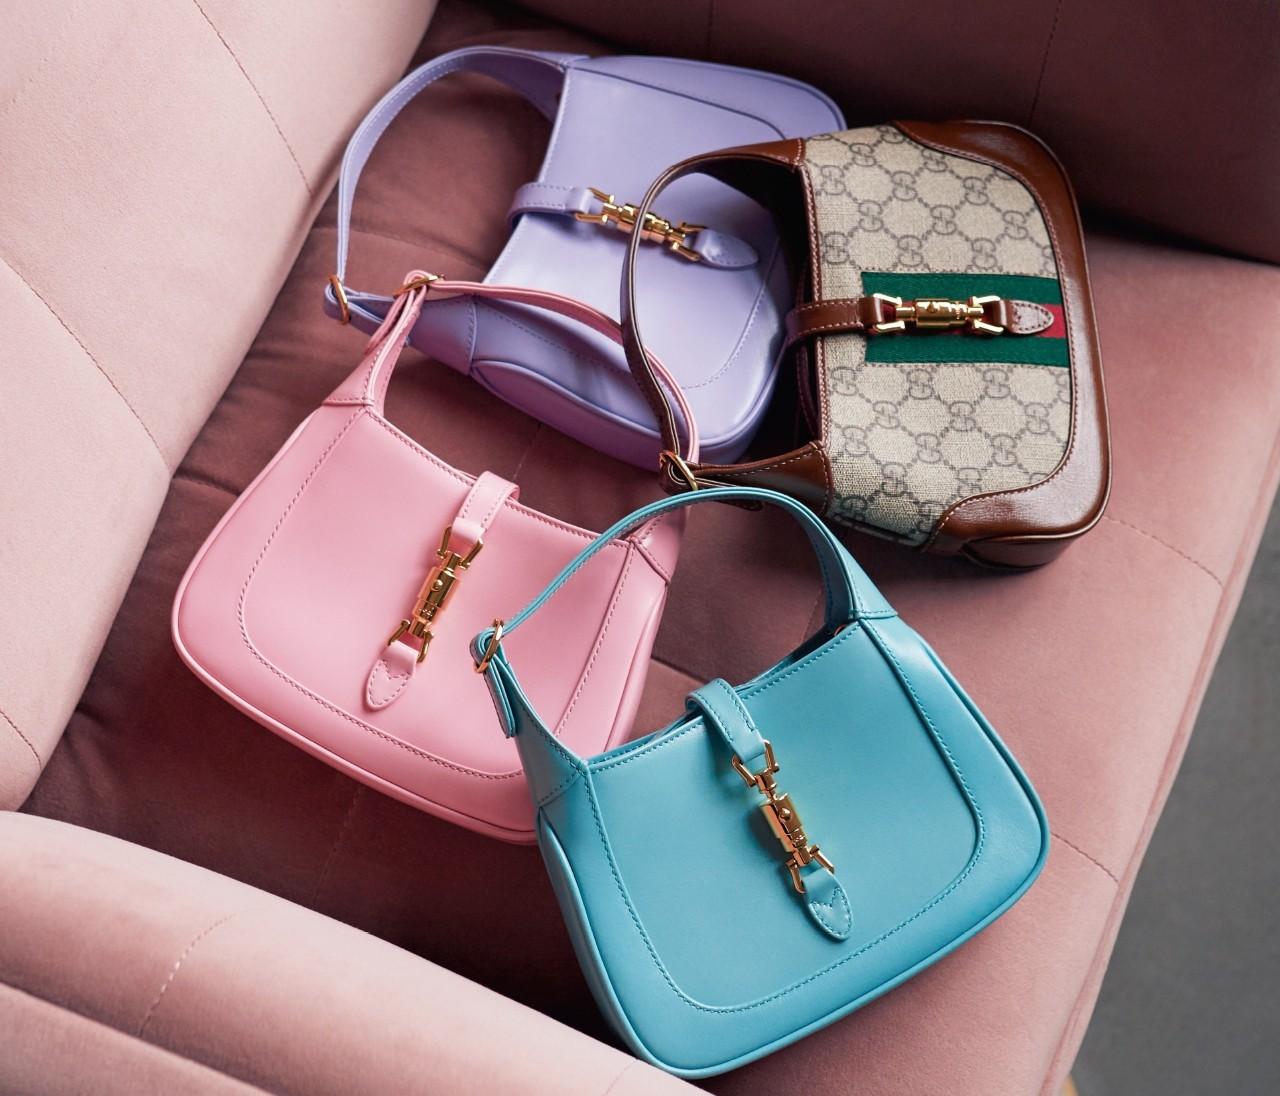 グッチの最新バッグ「ジャッキー1961」はミニサイズ&きれい色がおすすめ!【30代の新名品】